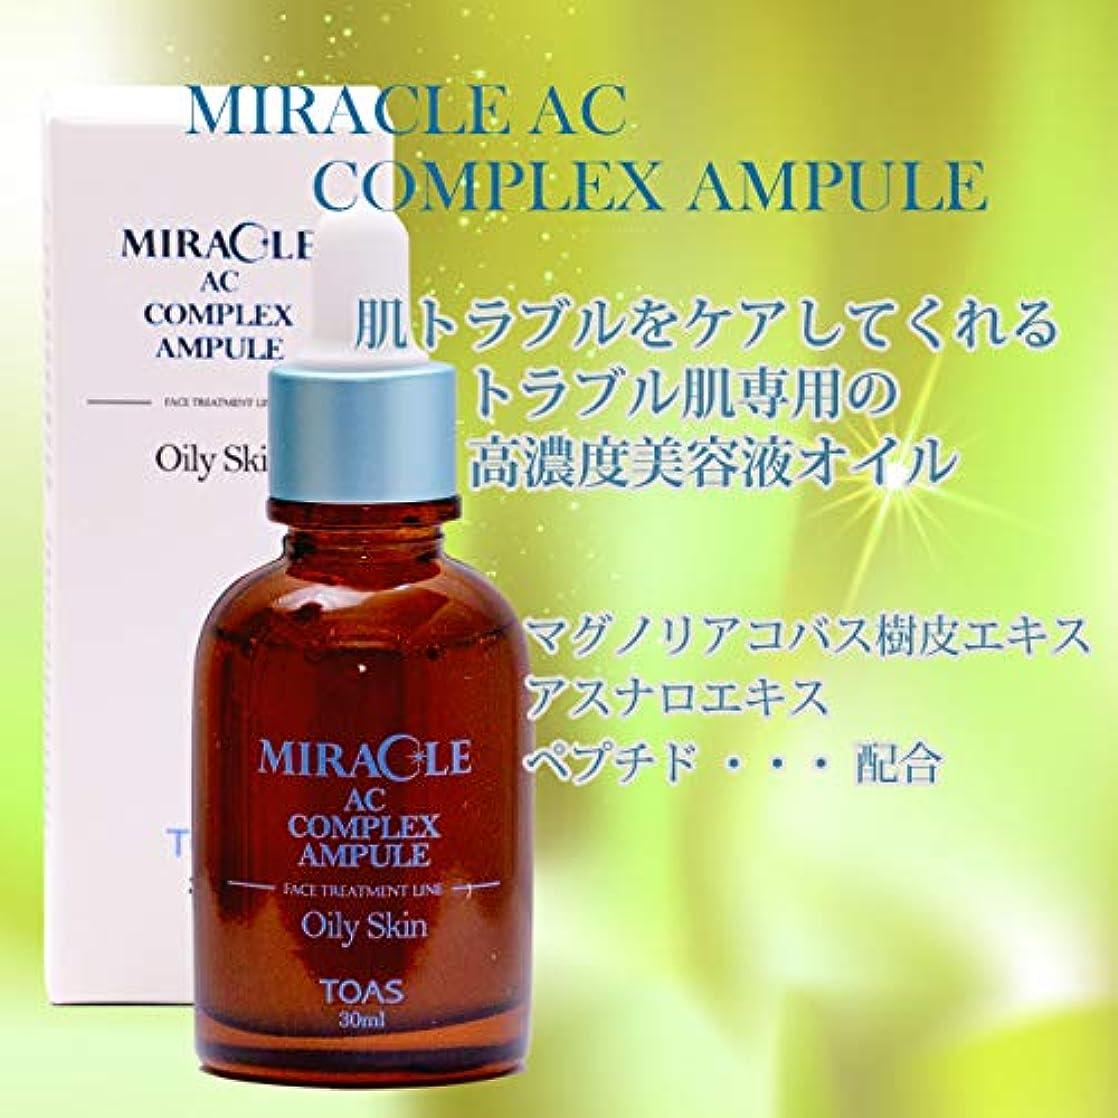 発表南アメリカ受取人TOAS ミラクルACコンプレックス?アンプル30ml トラブル肌を解消 高密度美容液オイル